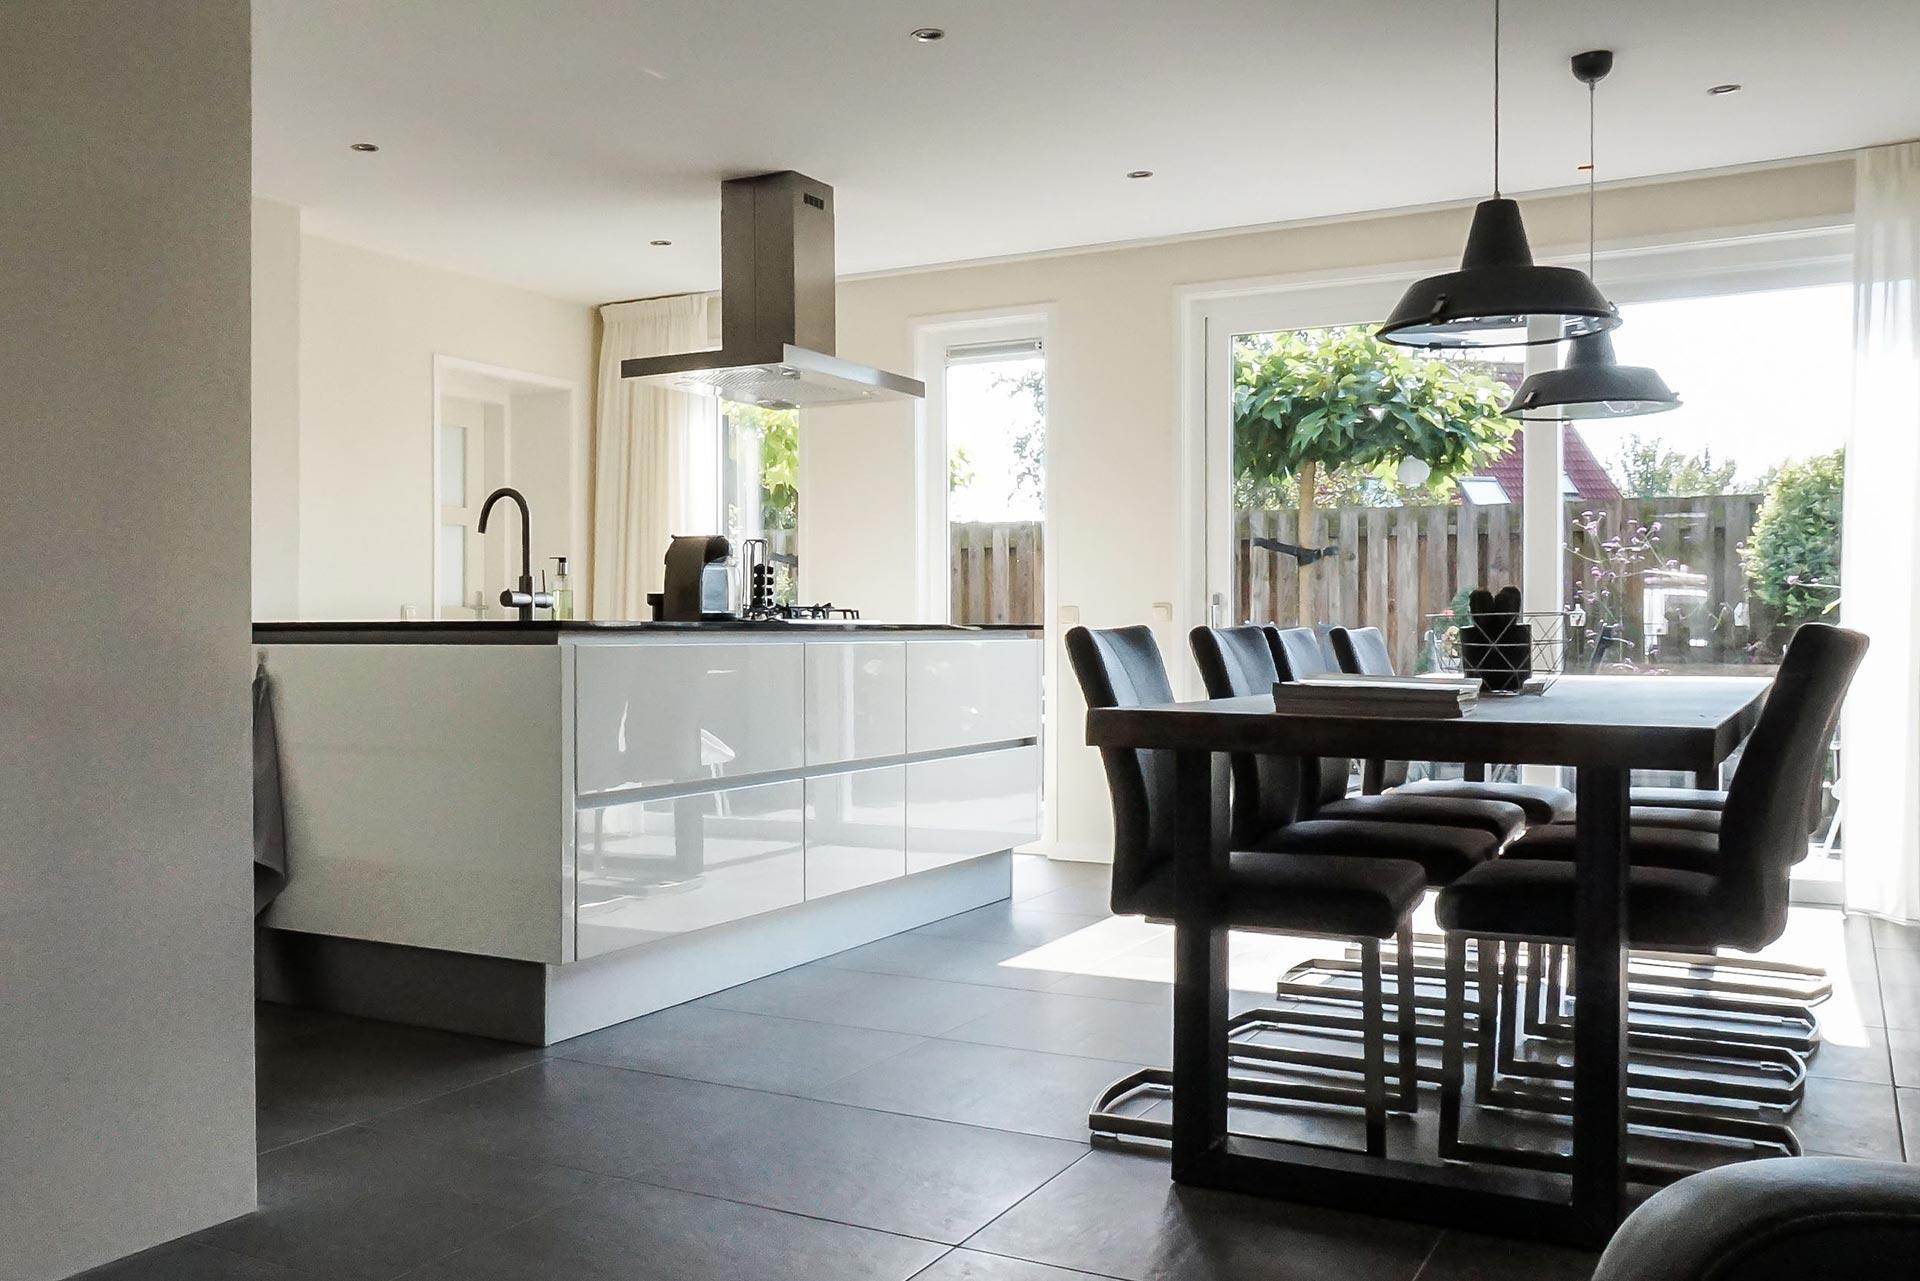 Bestaande Keuken Uitbreiden : Keuken renoveren en uitbreiden villa hilversum metaglas